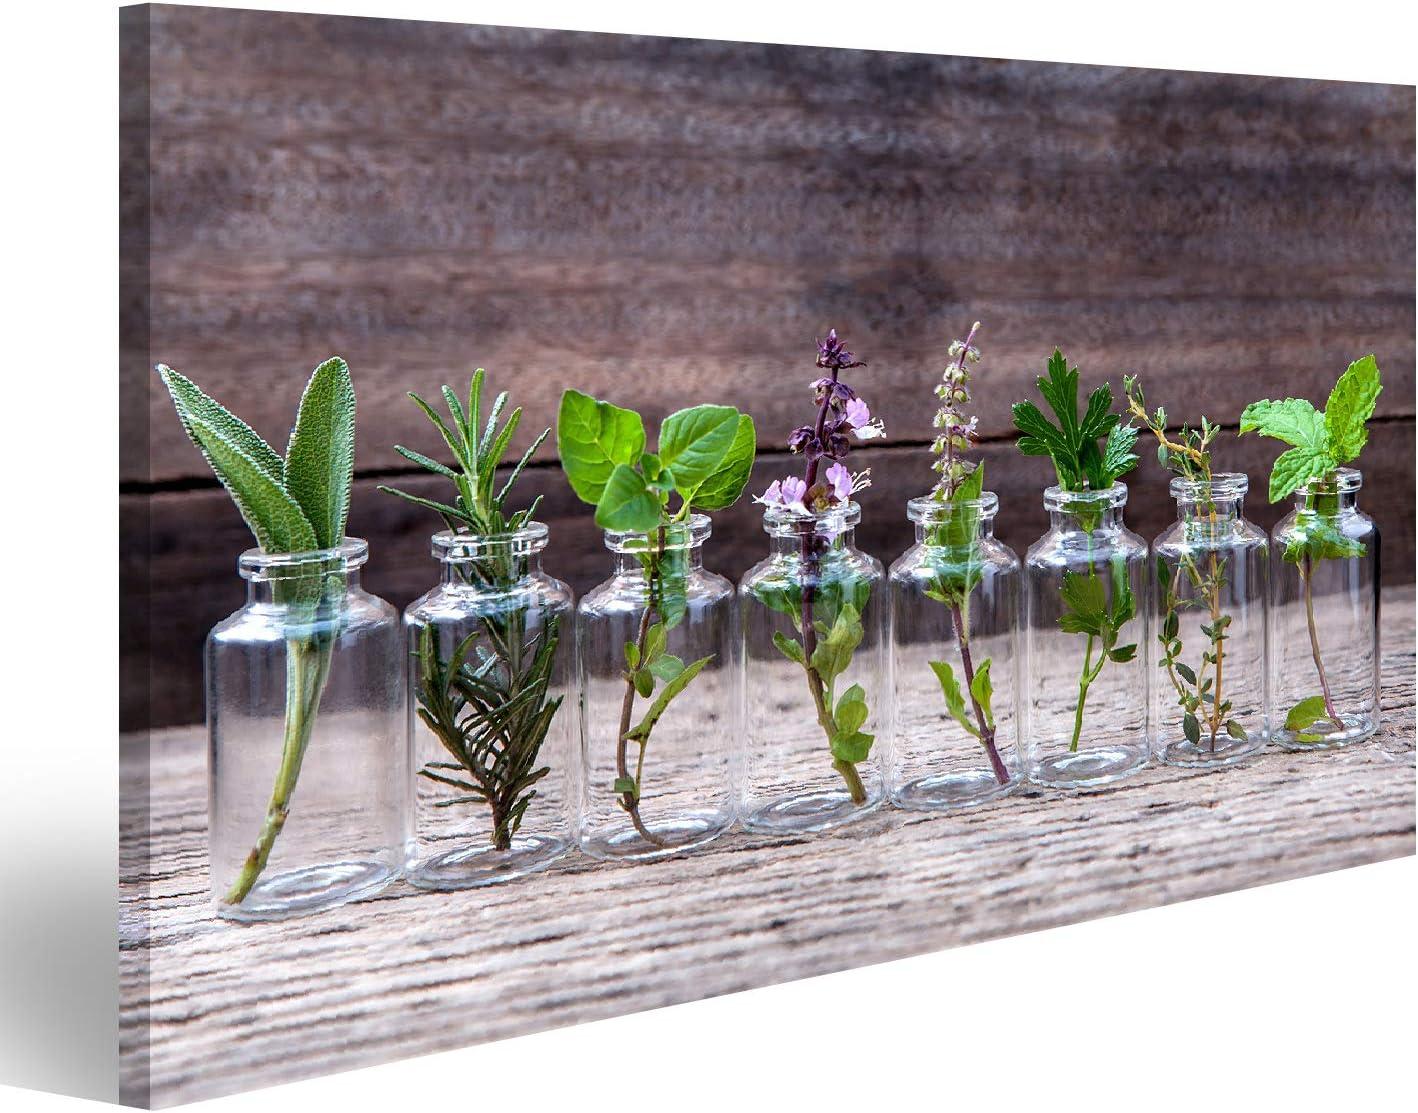 Cuadro Cuadros Botella de aceite esencial con hierbas flor de albahaca sagrada flor de albahaca flor de albahacaemaryoregano sageparsley tomillo y menta montada sobre fondo de madera antigua